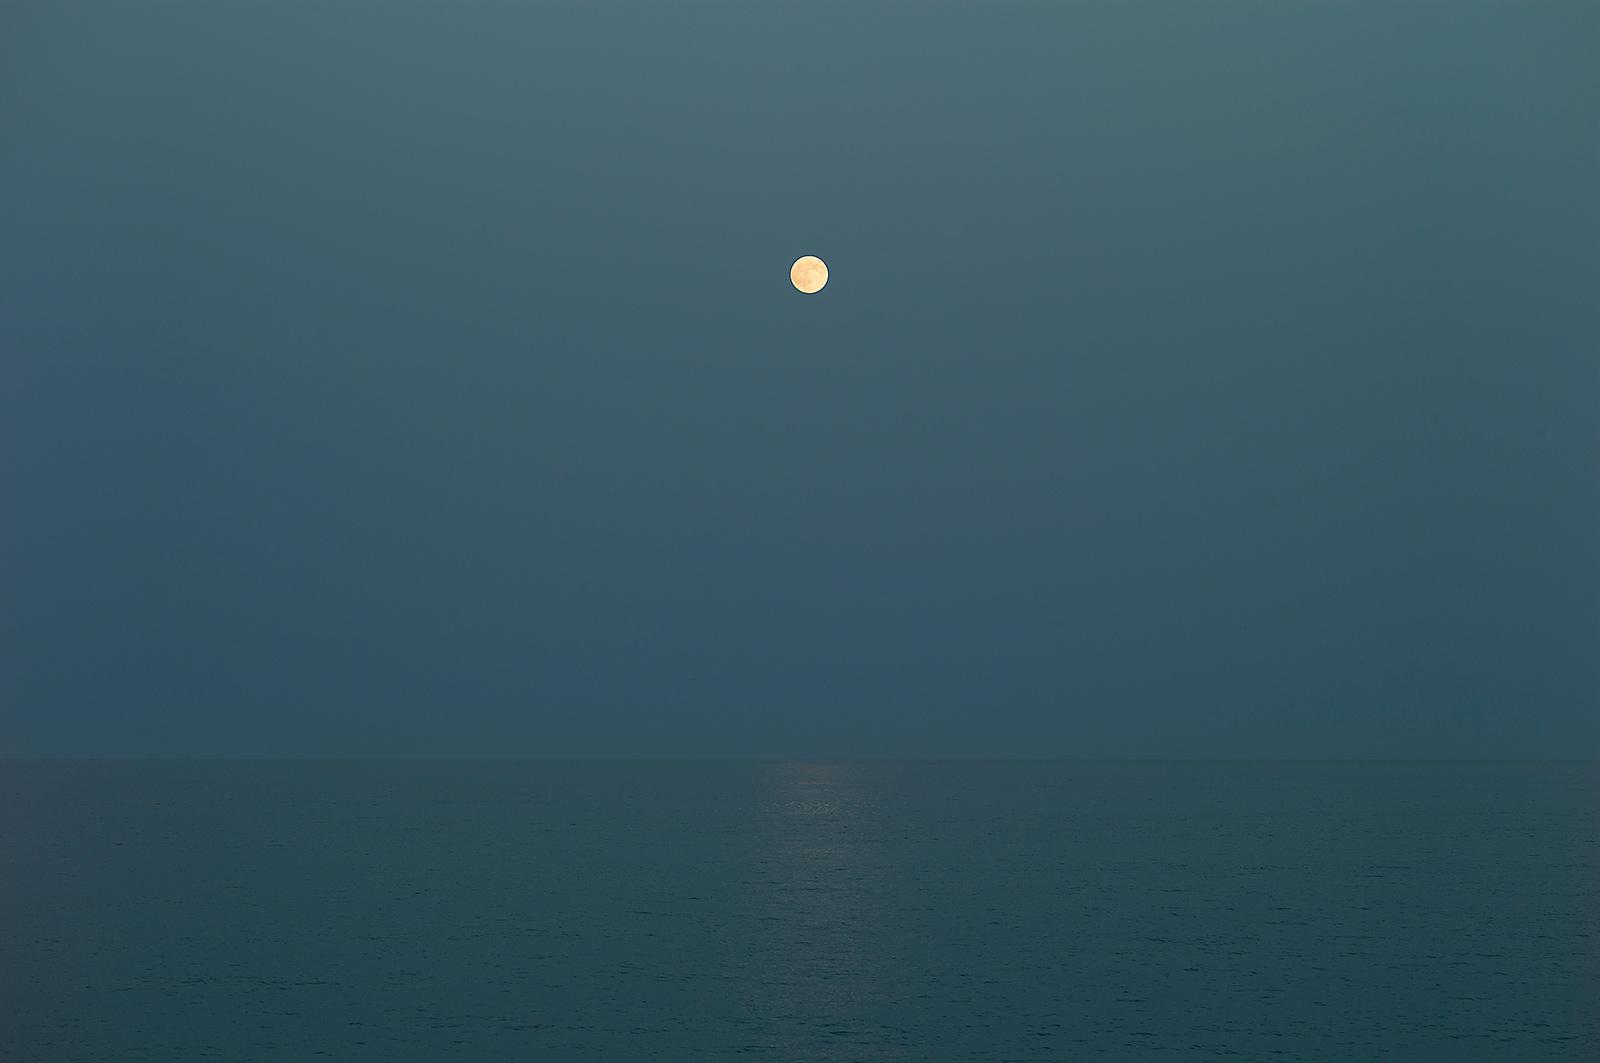 Månen, havet og jeg, 2017. Archival inkjet print, 90 x 140 cm, ed. 5 + AP